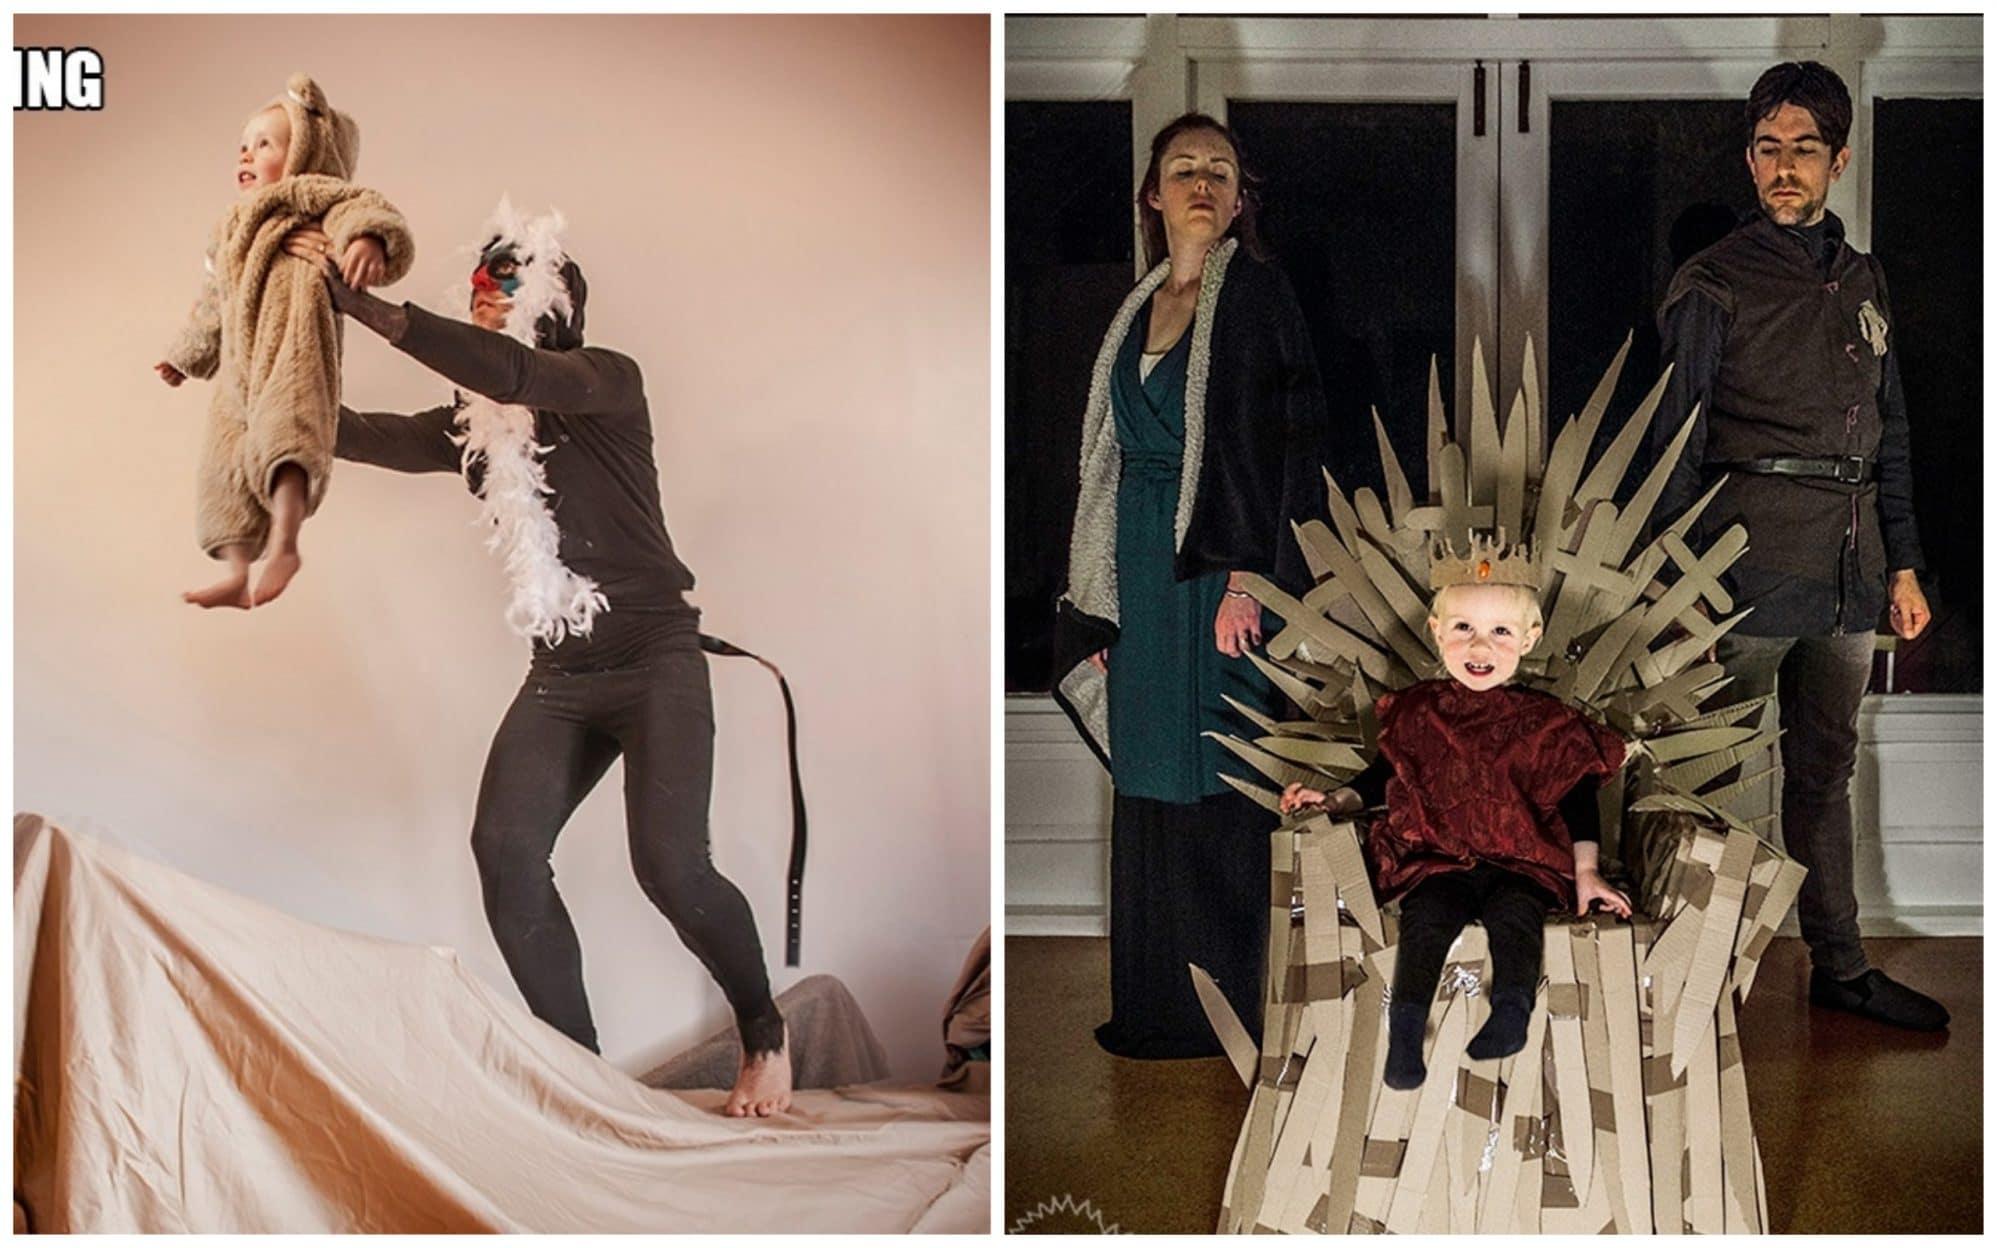 Родители воссоздают сцены из культовых фильмов с участием их сына!